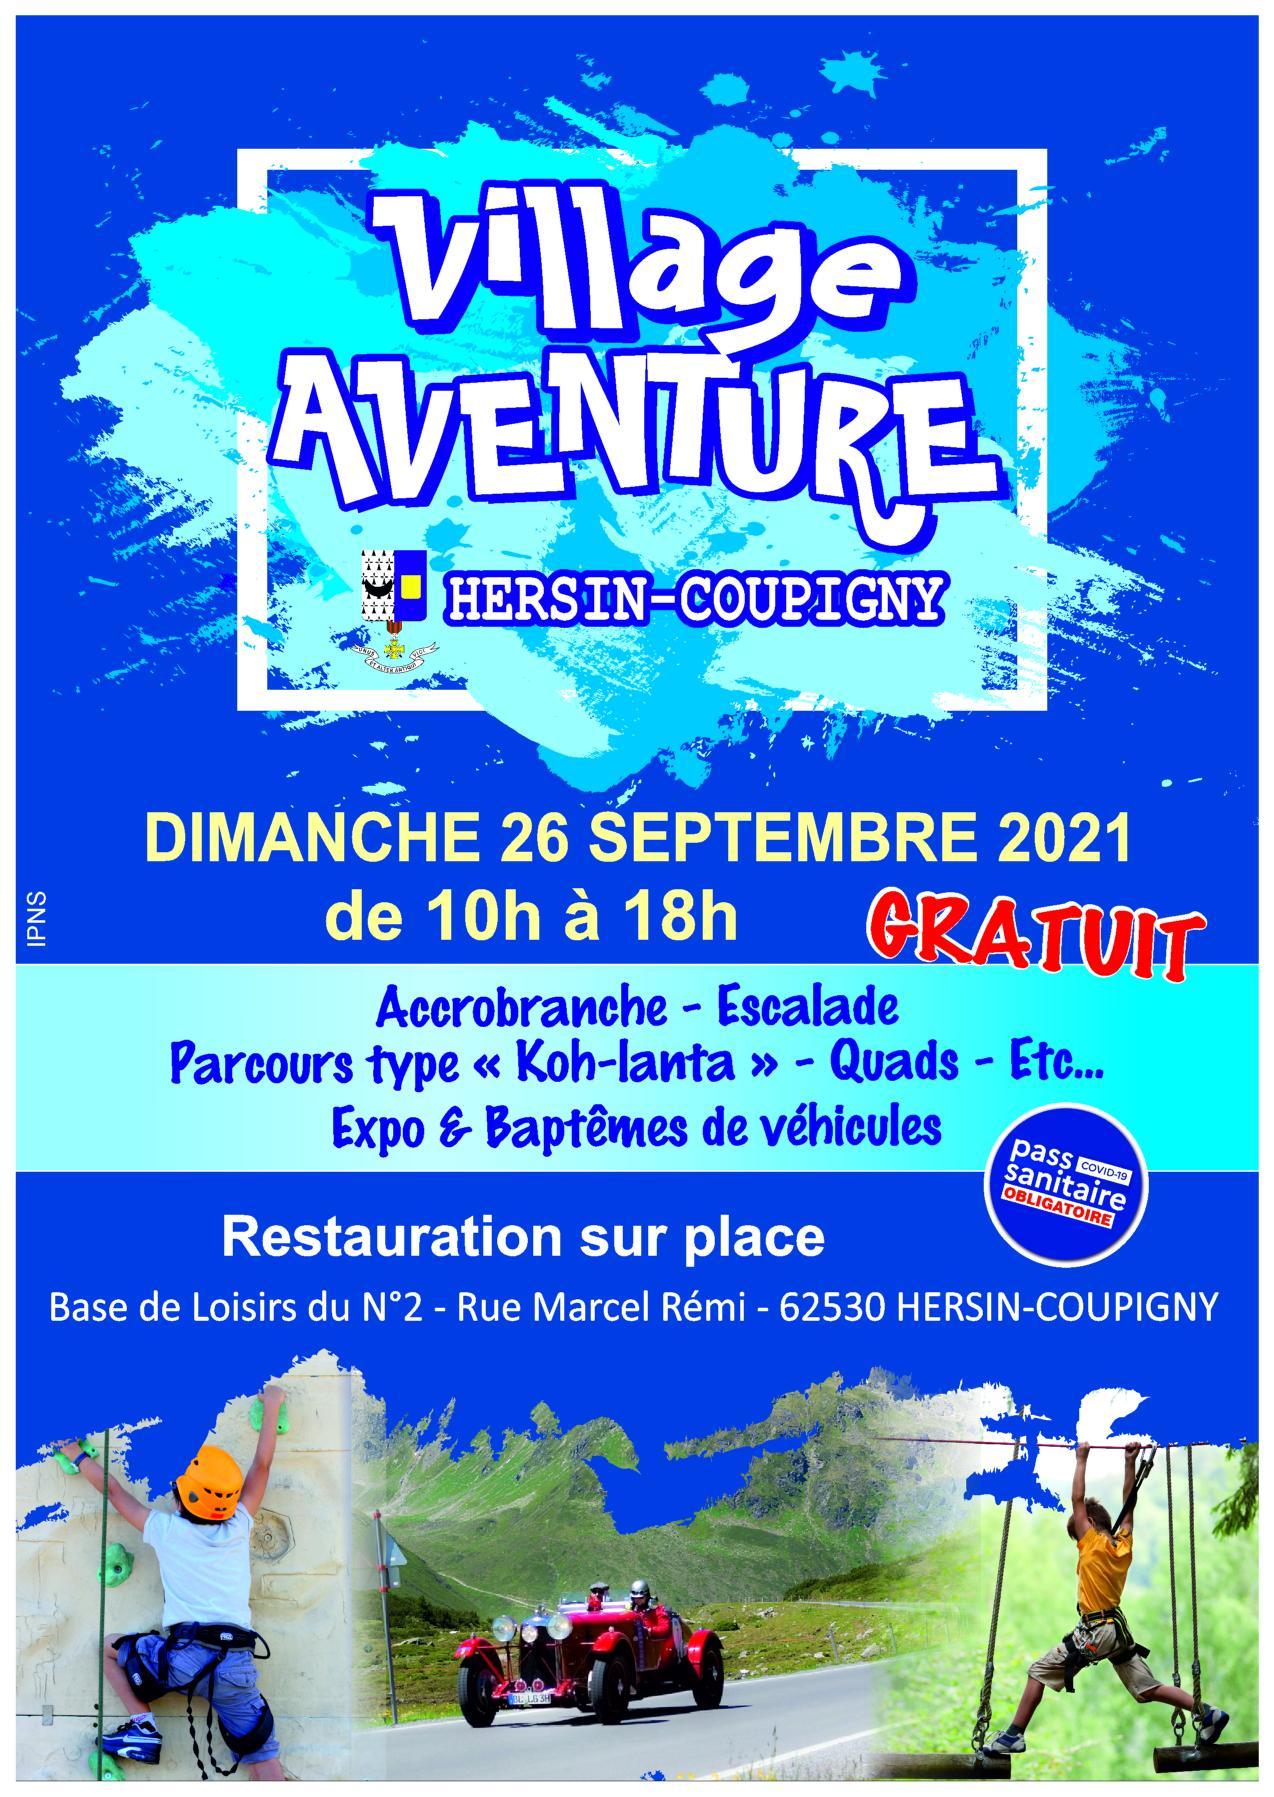 Village Aventure @ Base de Loisirs du N°2   Hersin-Coupigny   Hauts-de-France   France